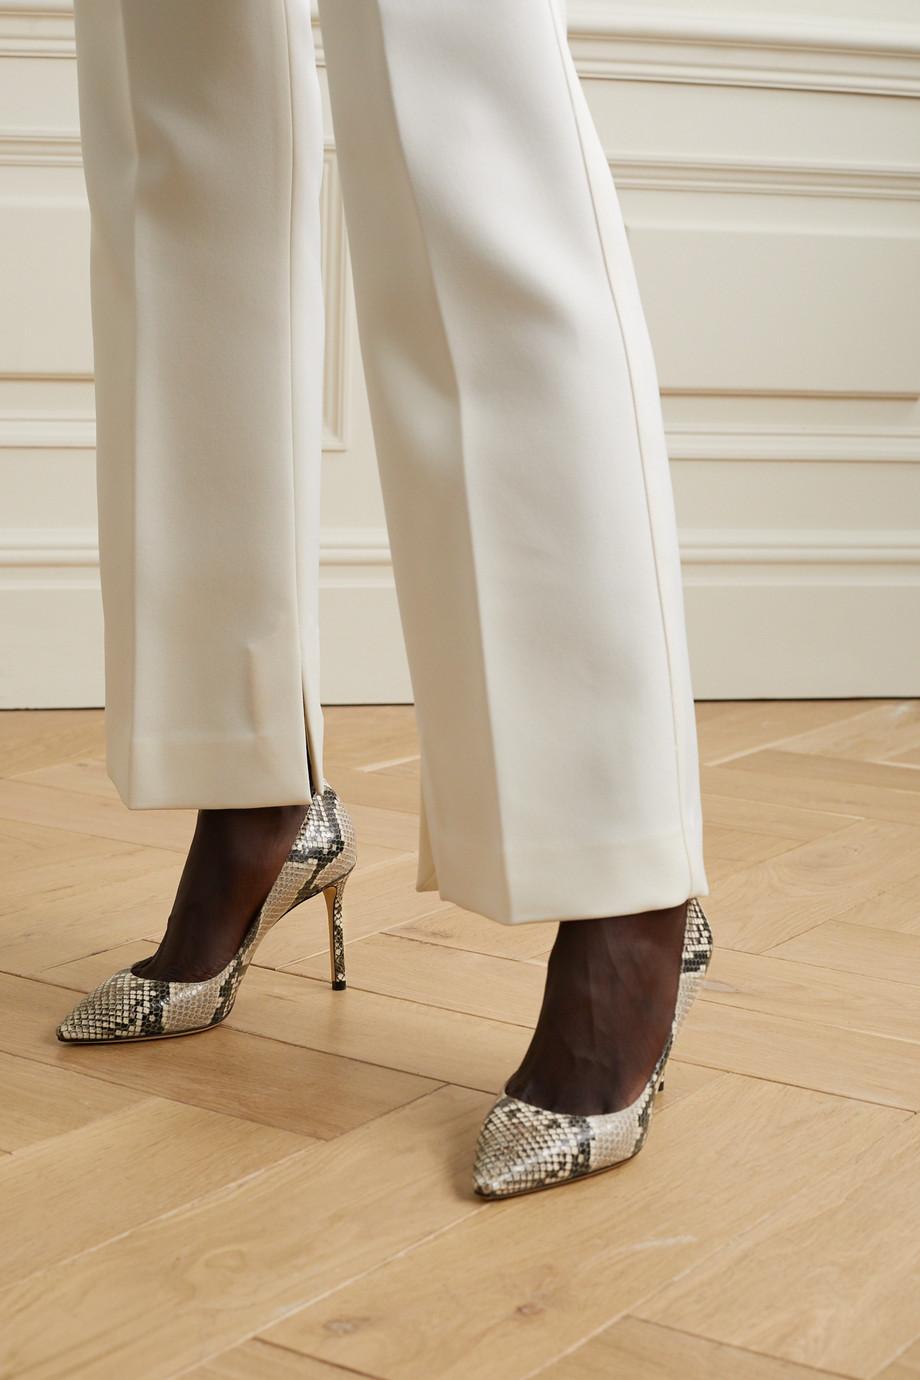 Jimmy Choo Romy 85 蛇纹皮革高跟鞋